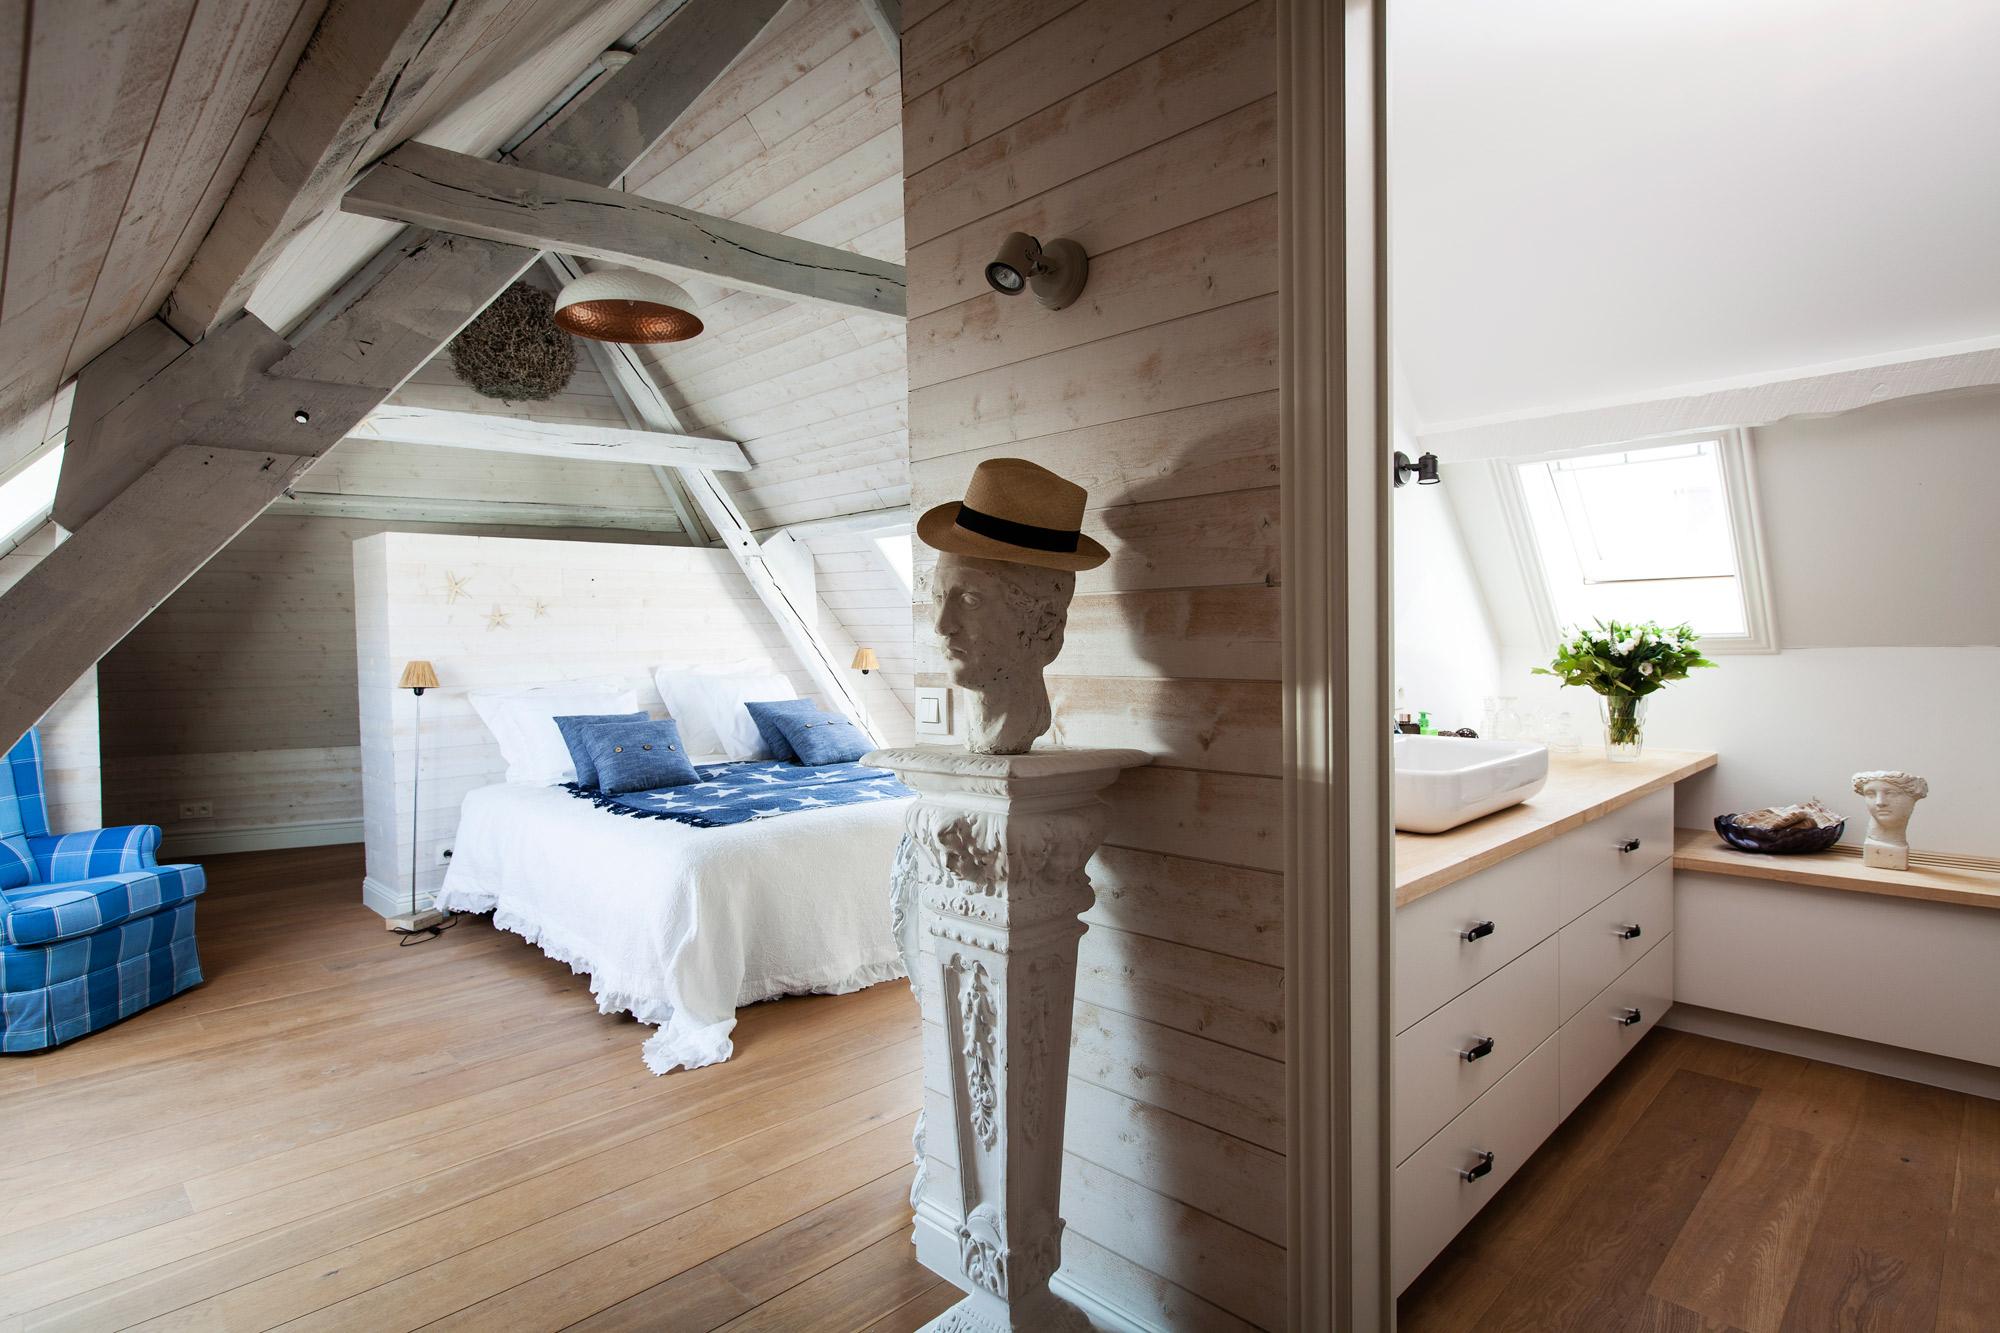 Bij Maison Amodio bed and breakfast in centrum Brugge, kunt u heerlijk tot rust komen en overnachten.